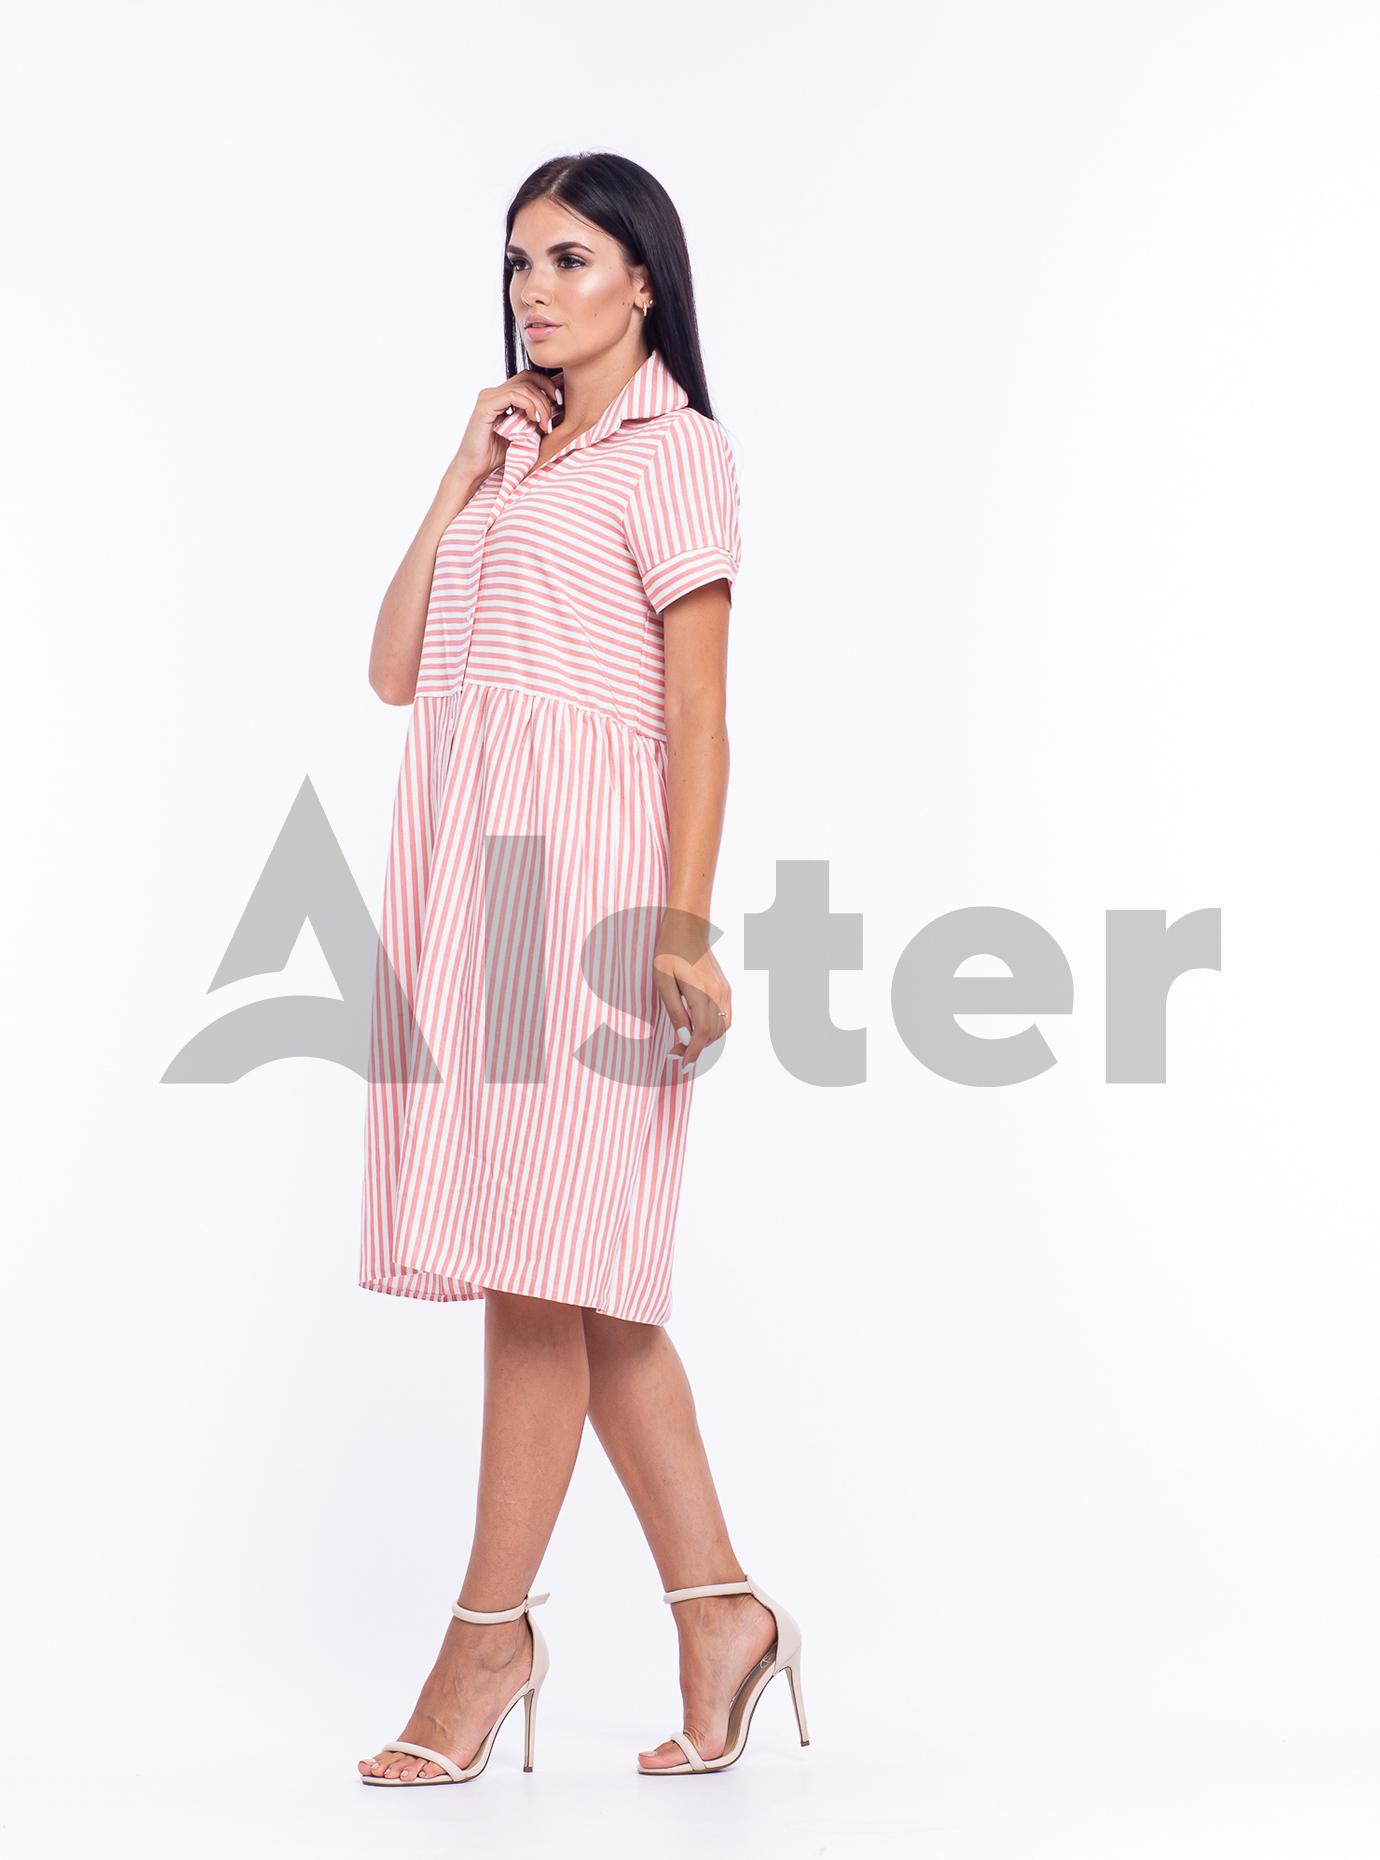 """Платье-рубашка """"Ритм"""" Розовый M (04-8987998): фото - Alster.ua"""